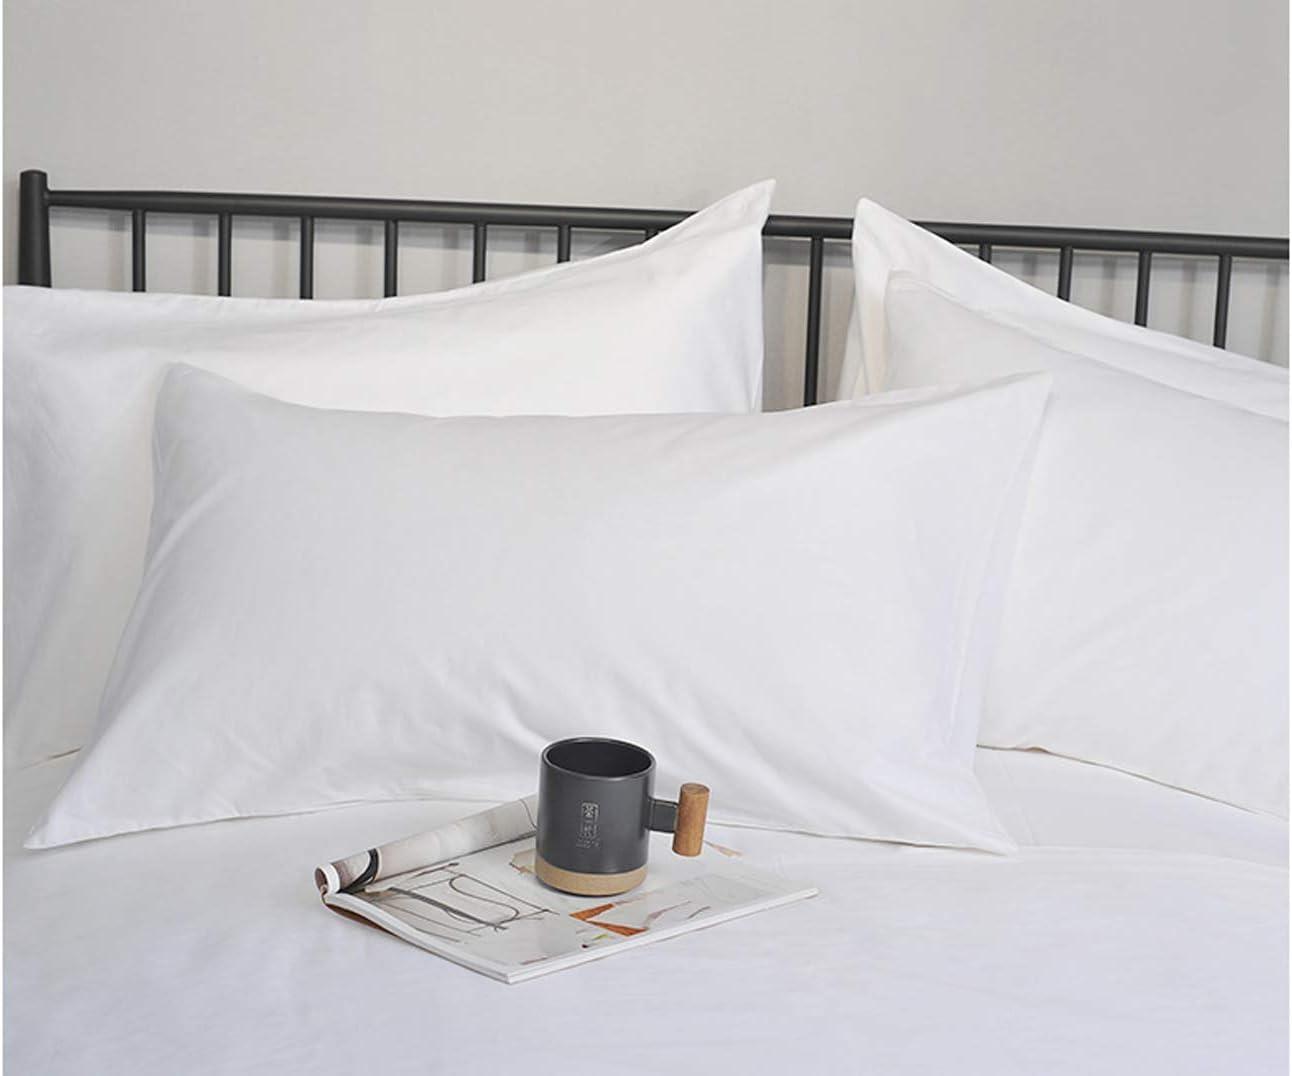 suaves Blanco 50 cm x 75 cm algod/ón 50 x 75 cm est/ándar BESTELLIE 2 unidades acogedoras y transpirables Fundas de almohada de algod/ón egipcio de 300 hilos